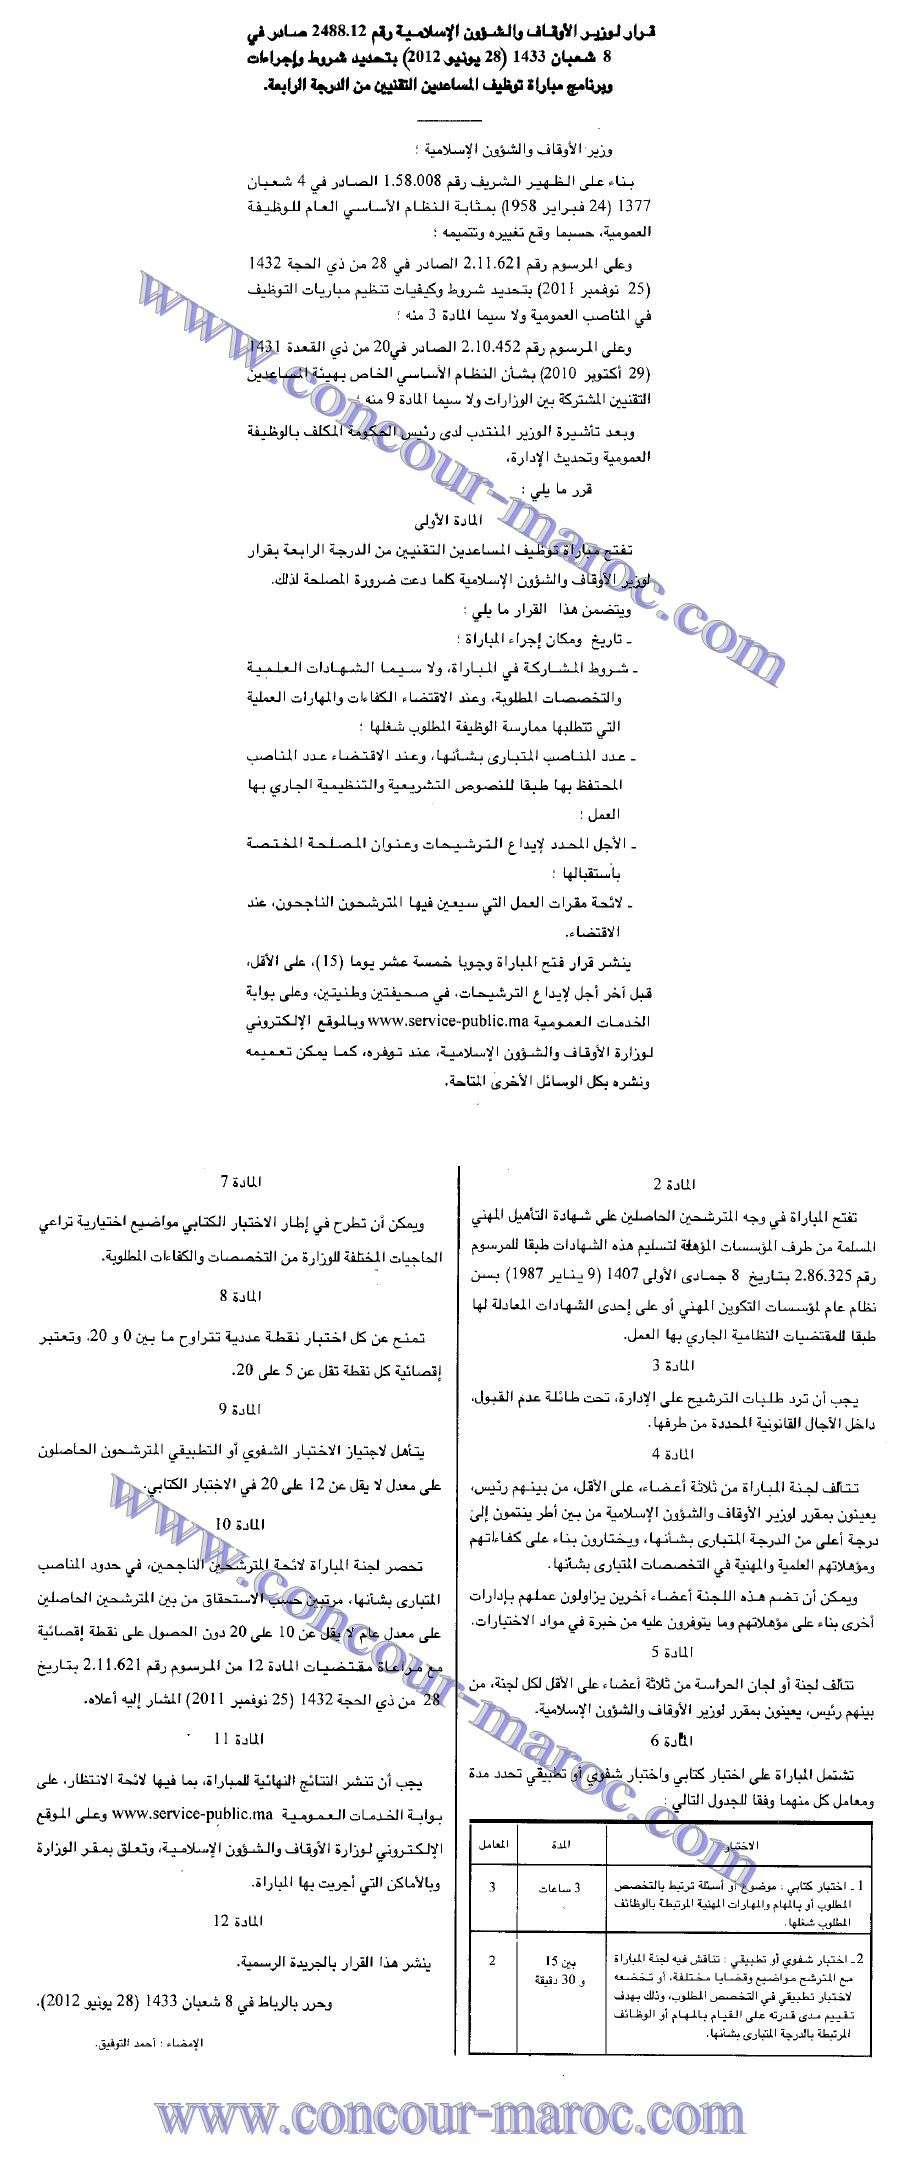 برامج اختبارات الكتابية و الشفوية و شروط و إجراءات مباراة توظيف المساعدين التقنيين من الدرجة الرابعة بوزارة الأوقاف و الشؤون الإسلامية  System12